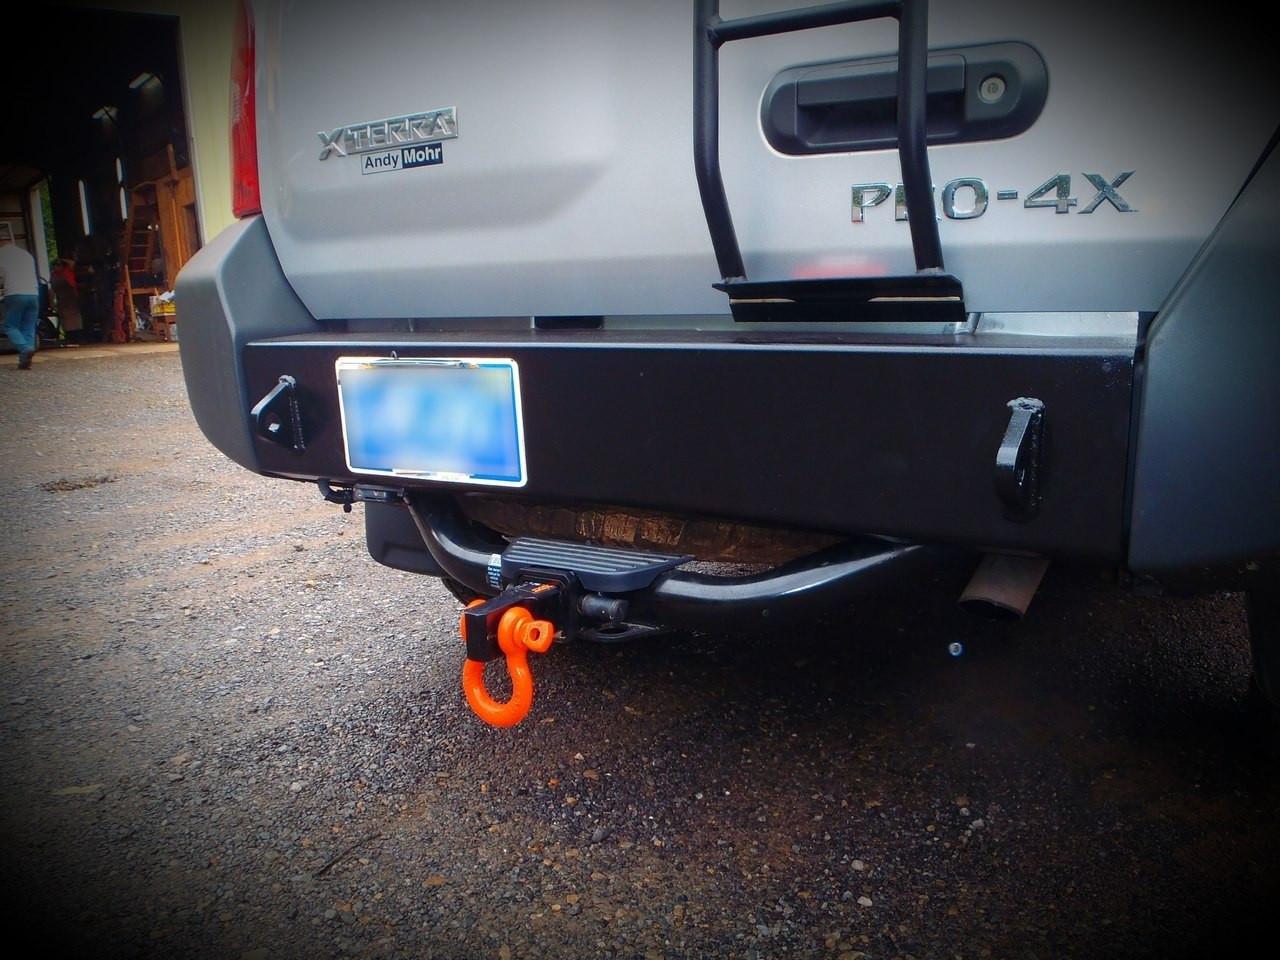 Nissan Xterra (2nd Gen) Rear Bumper DIY Weld Up Kit